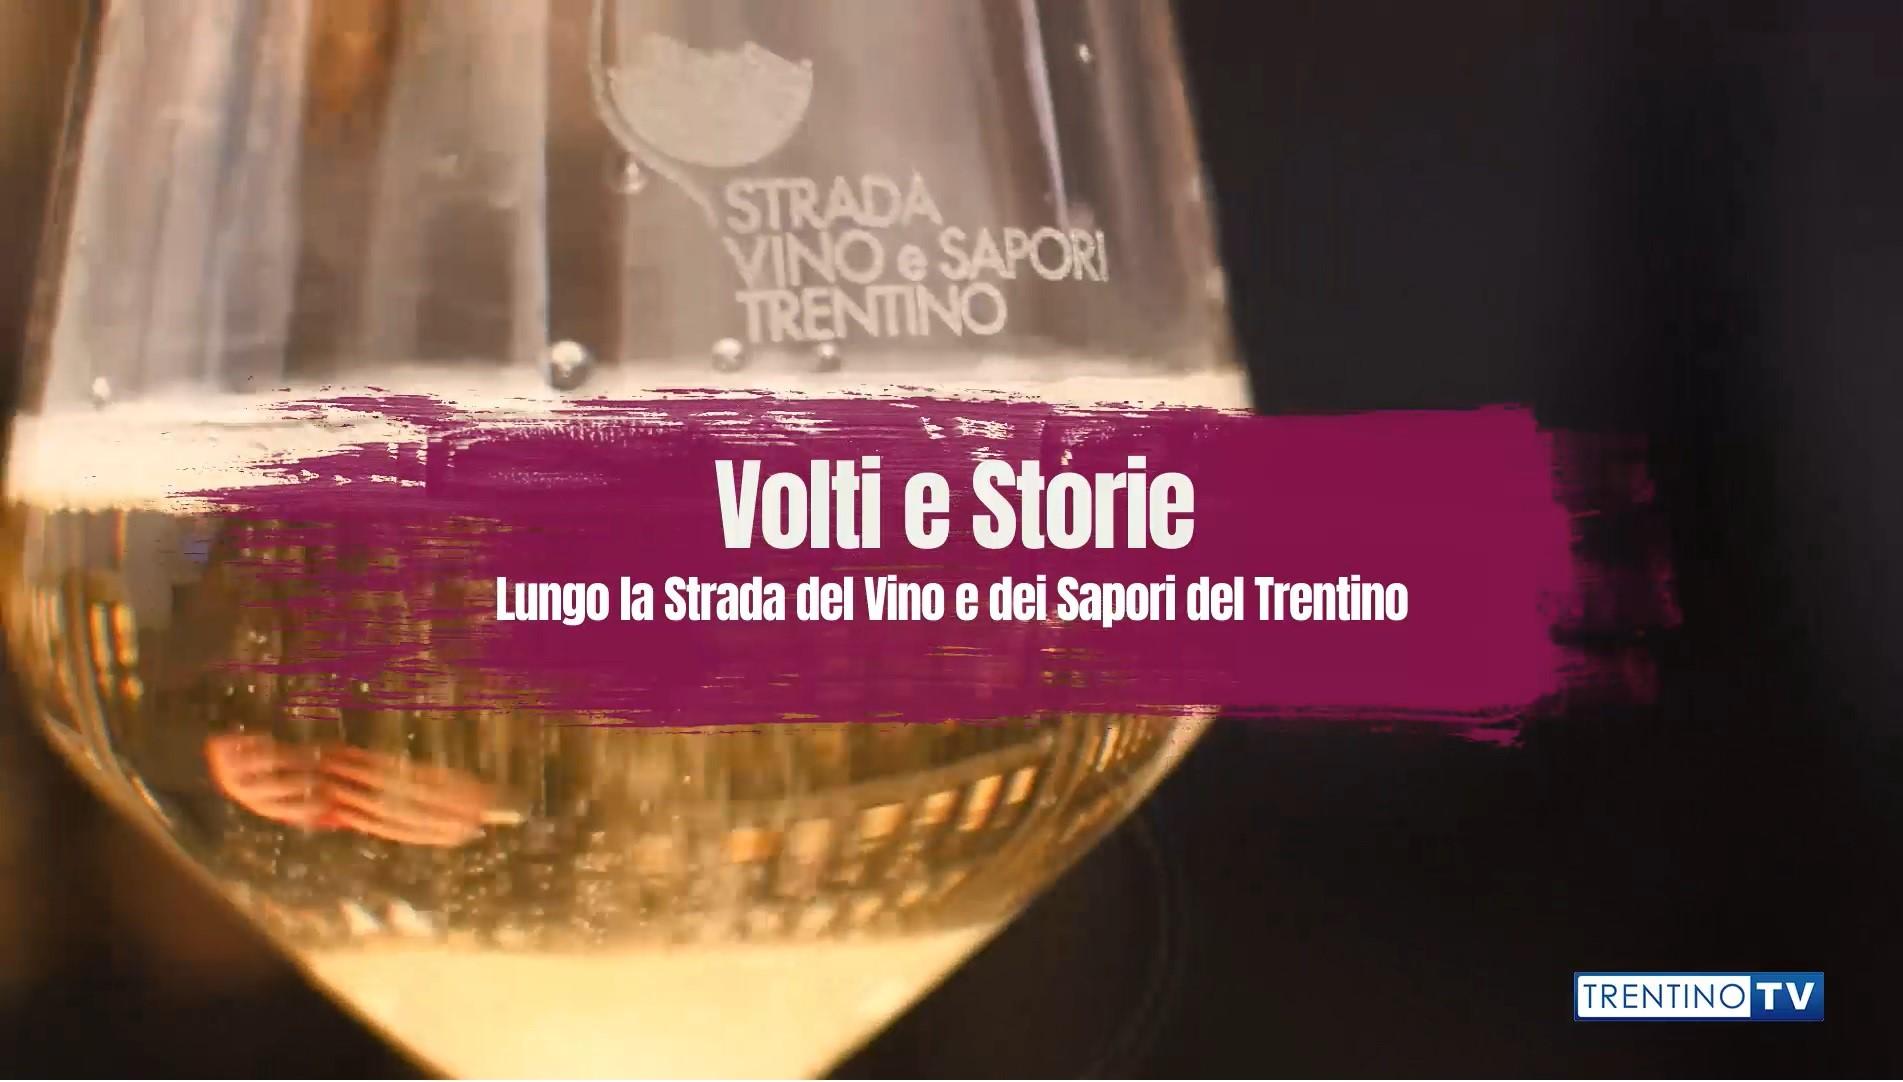 Volti e storie del Trentino